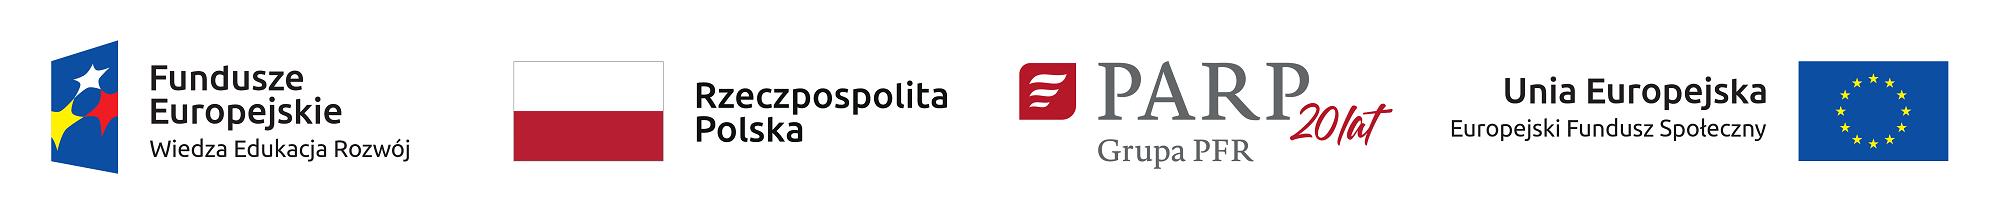 Logotypy Funduszy Europejskich, programu operacyjnego Wiedza Edukacja Rozwój, Rzeczpospolitej Polskiej, Polskiej Agencji Rozwoju Przedsiębiorczości iUnii Europejskiej